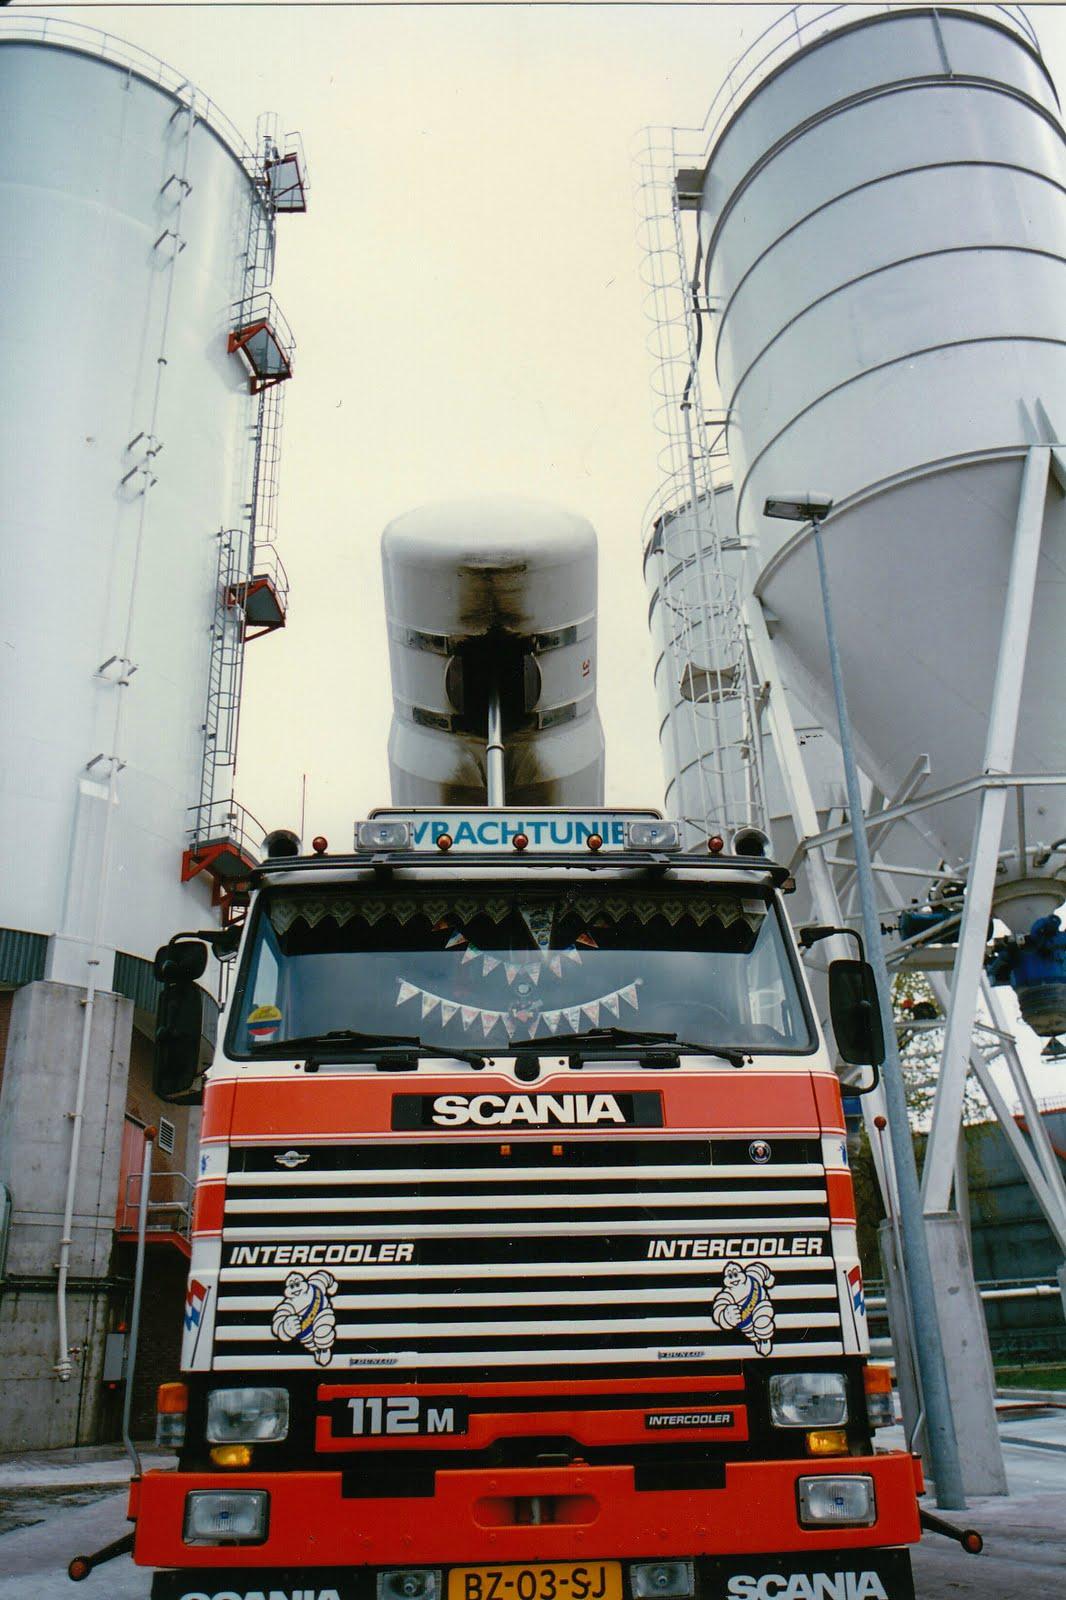 Scania-bij-de--de-silo--van-het-bedrijf